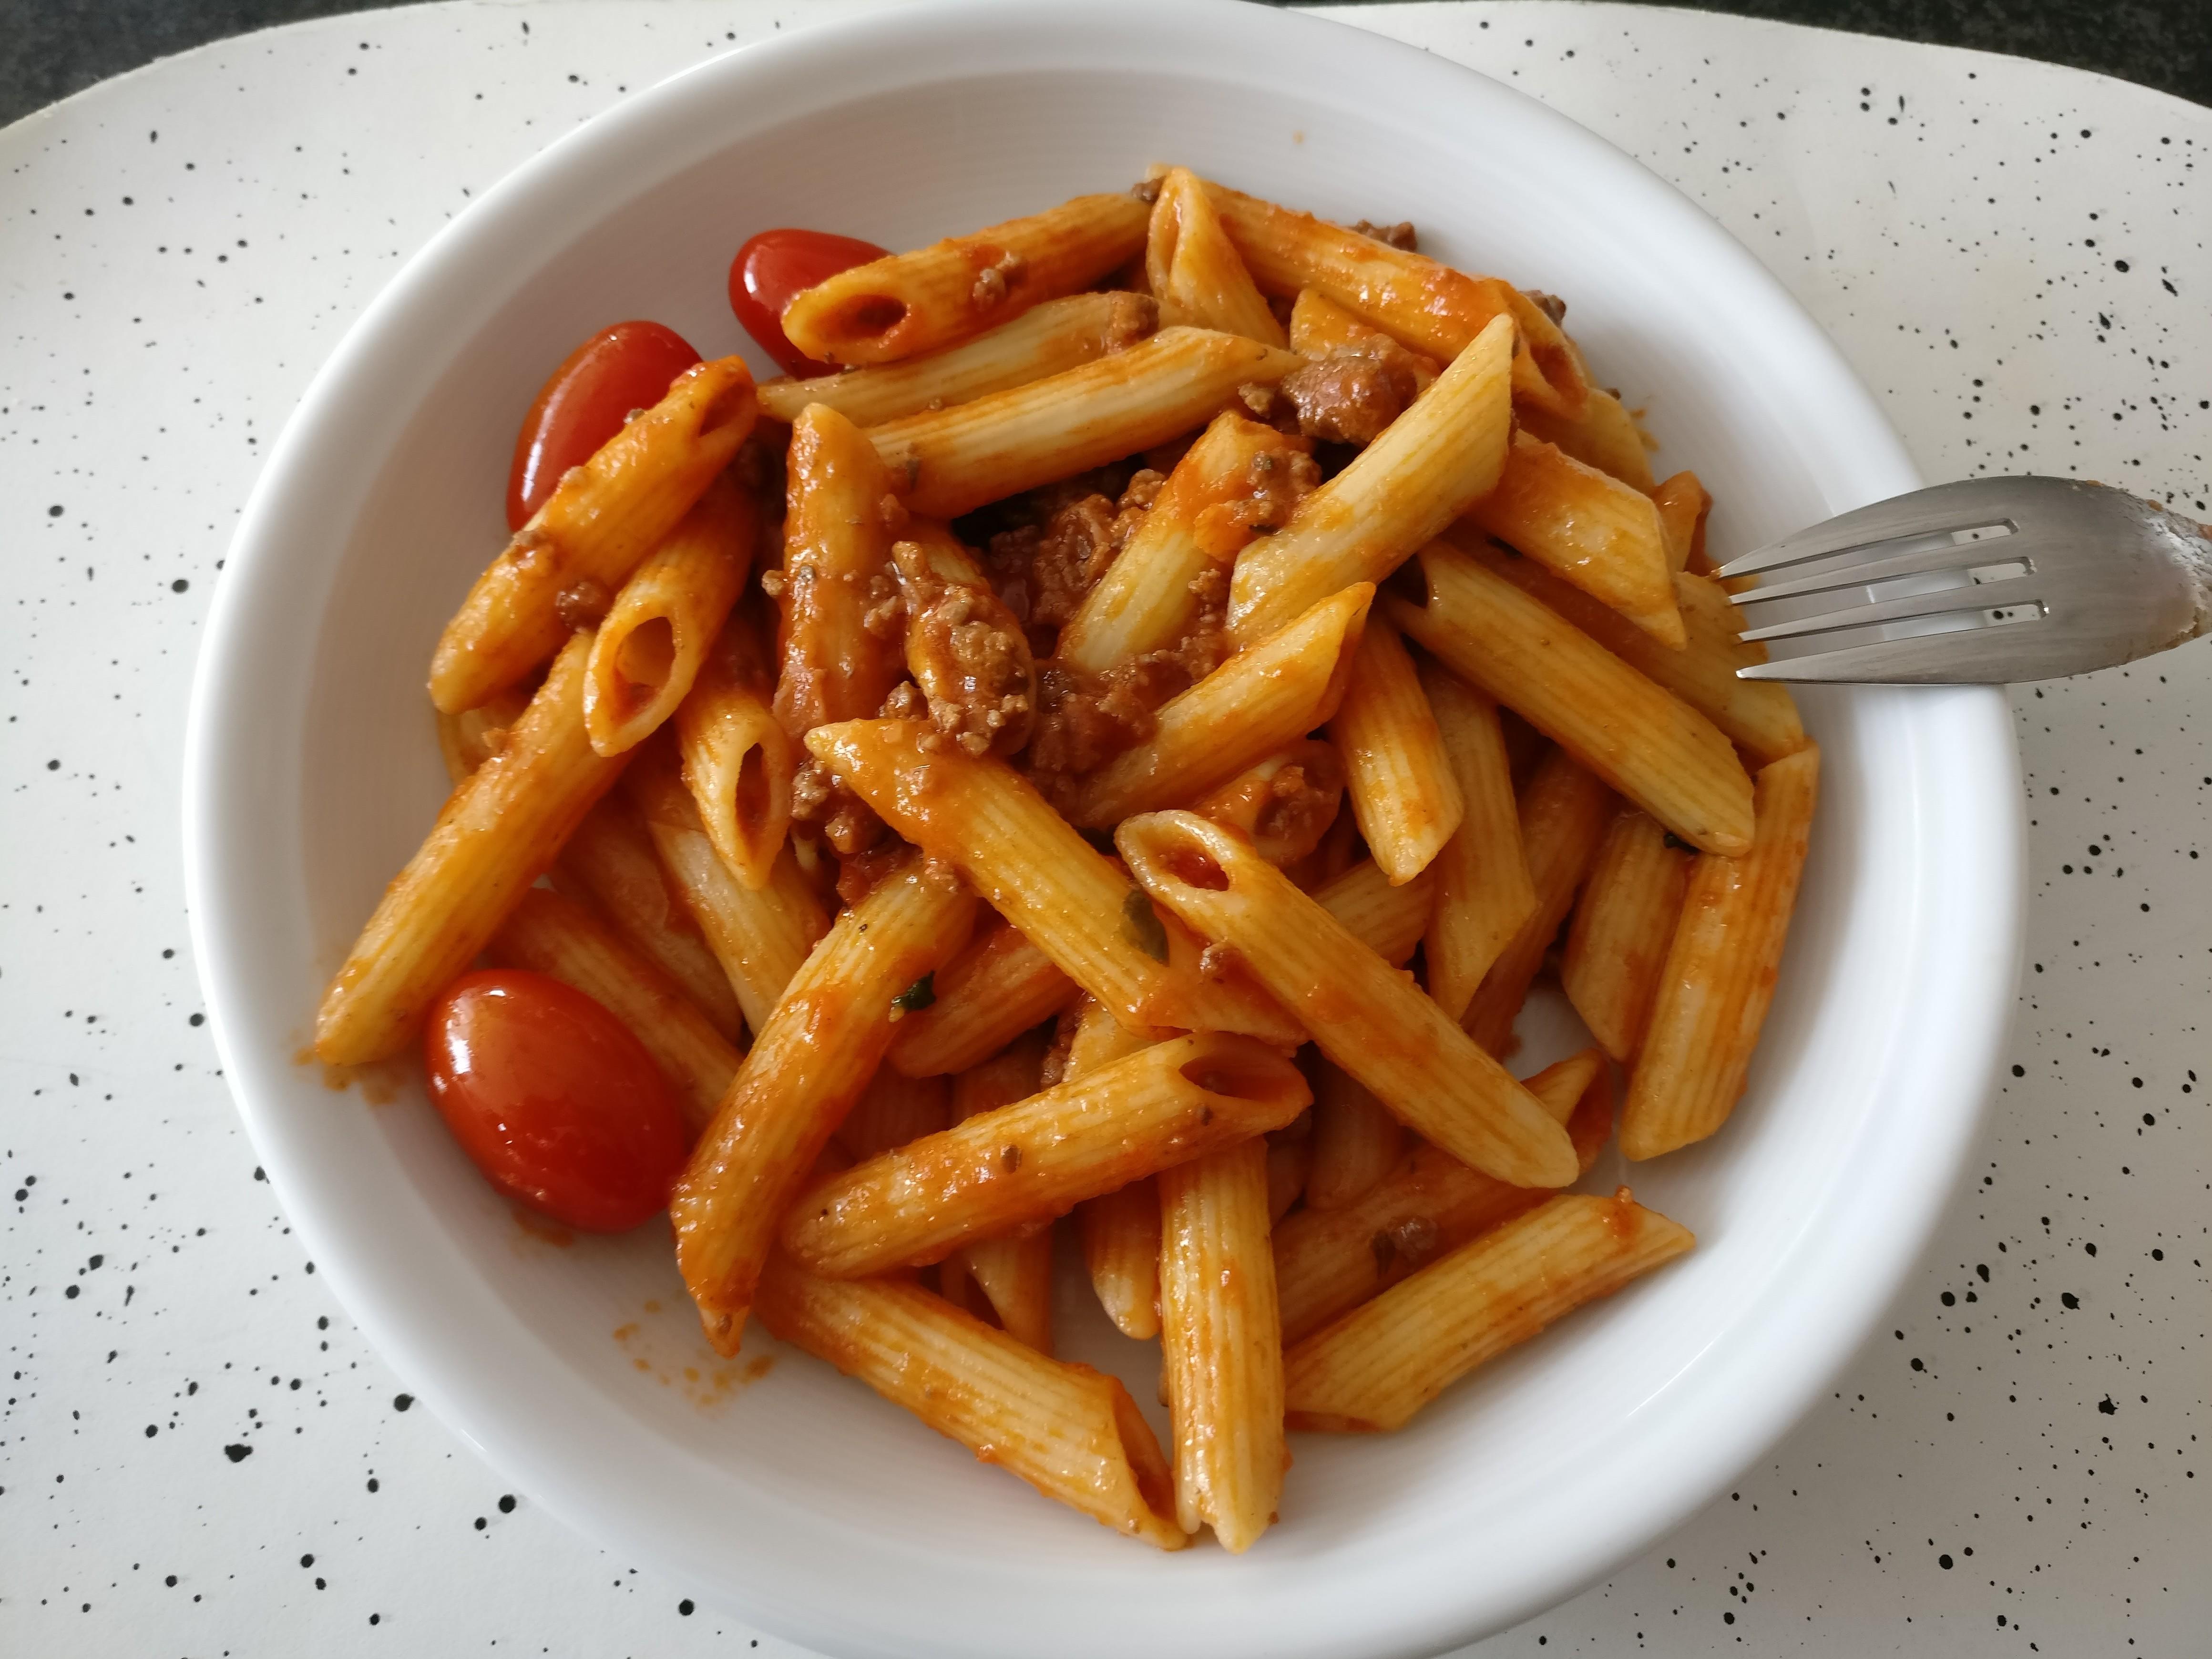 http://foodloader.net/nico_2017-06-03_penne-bolognese.jpg